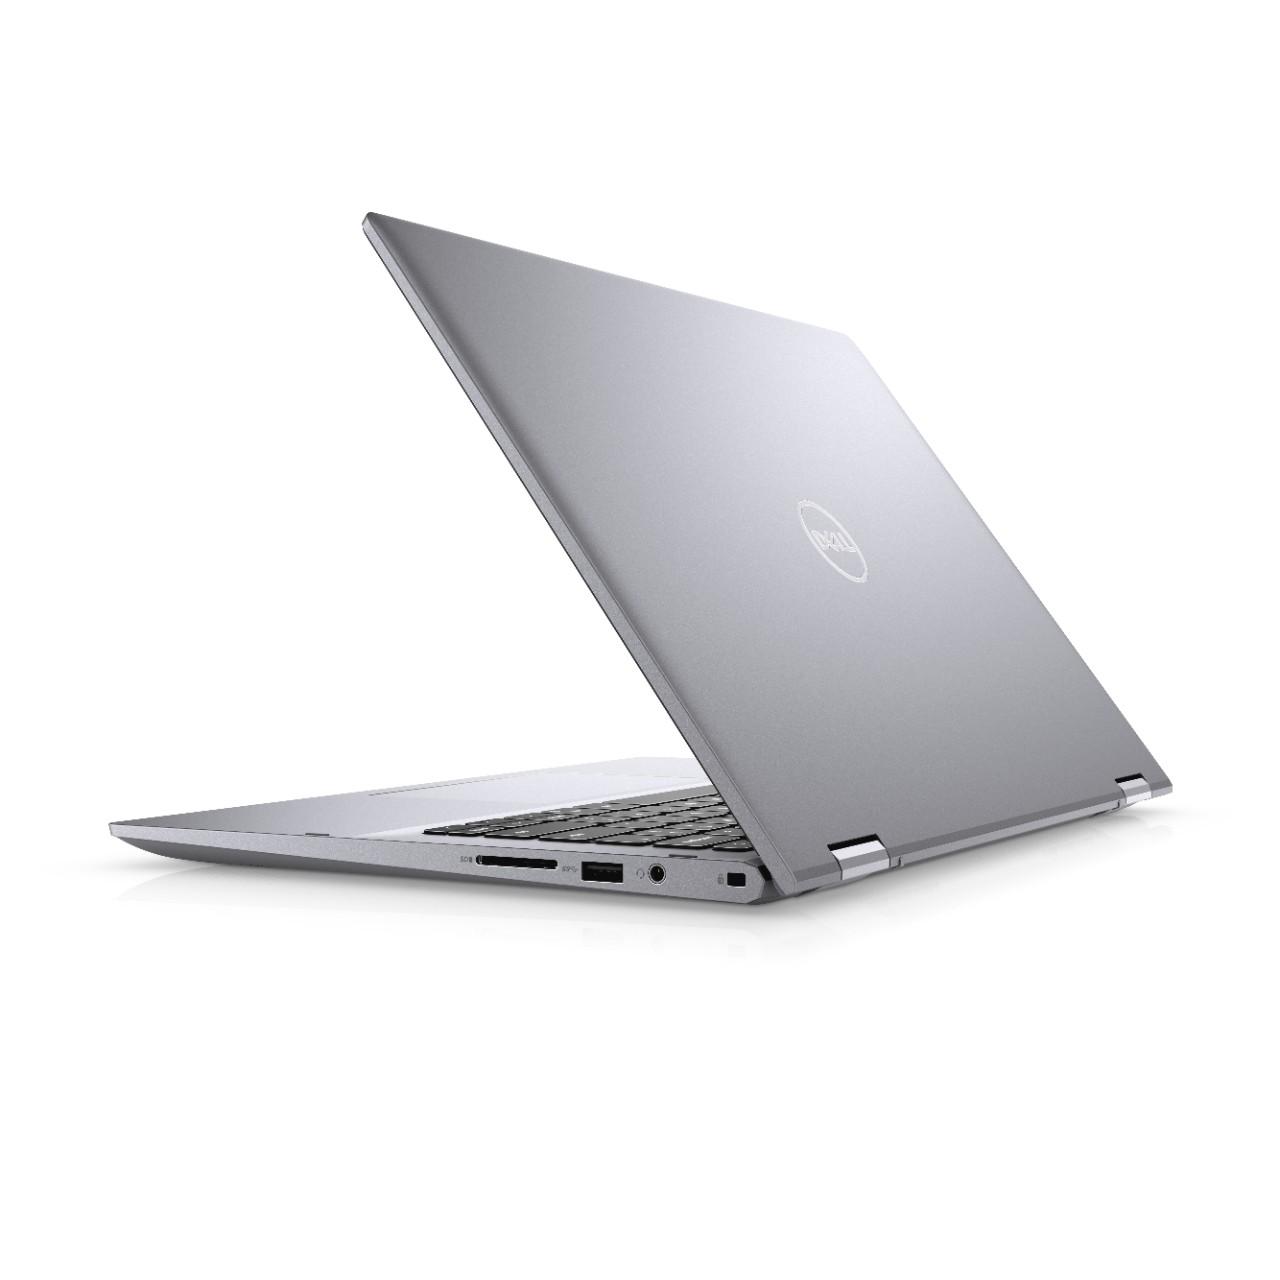 Dell Inspiron 5406 14